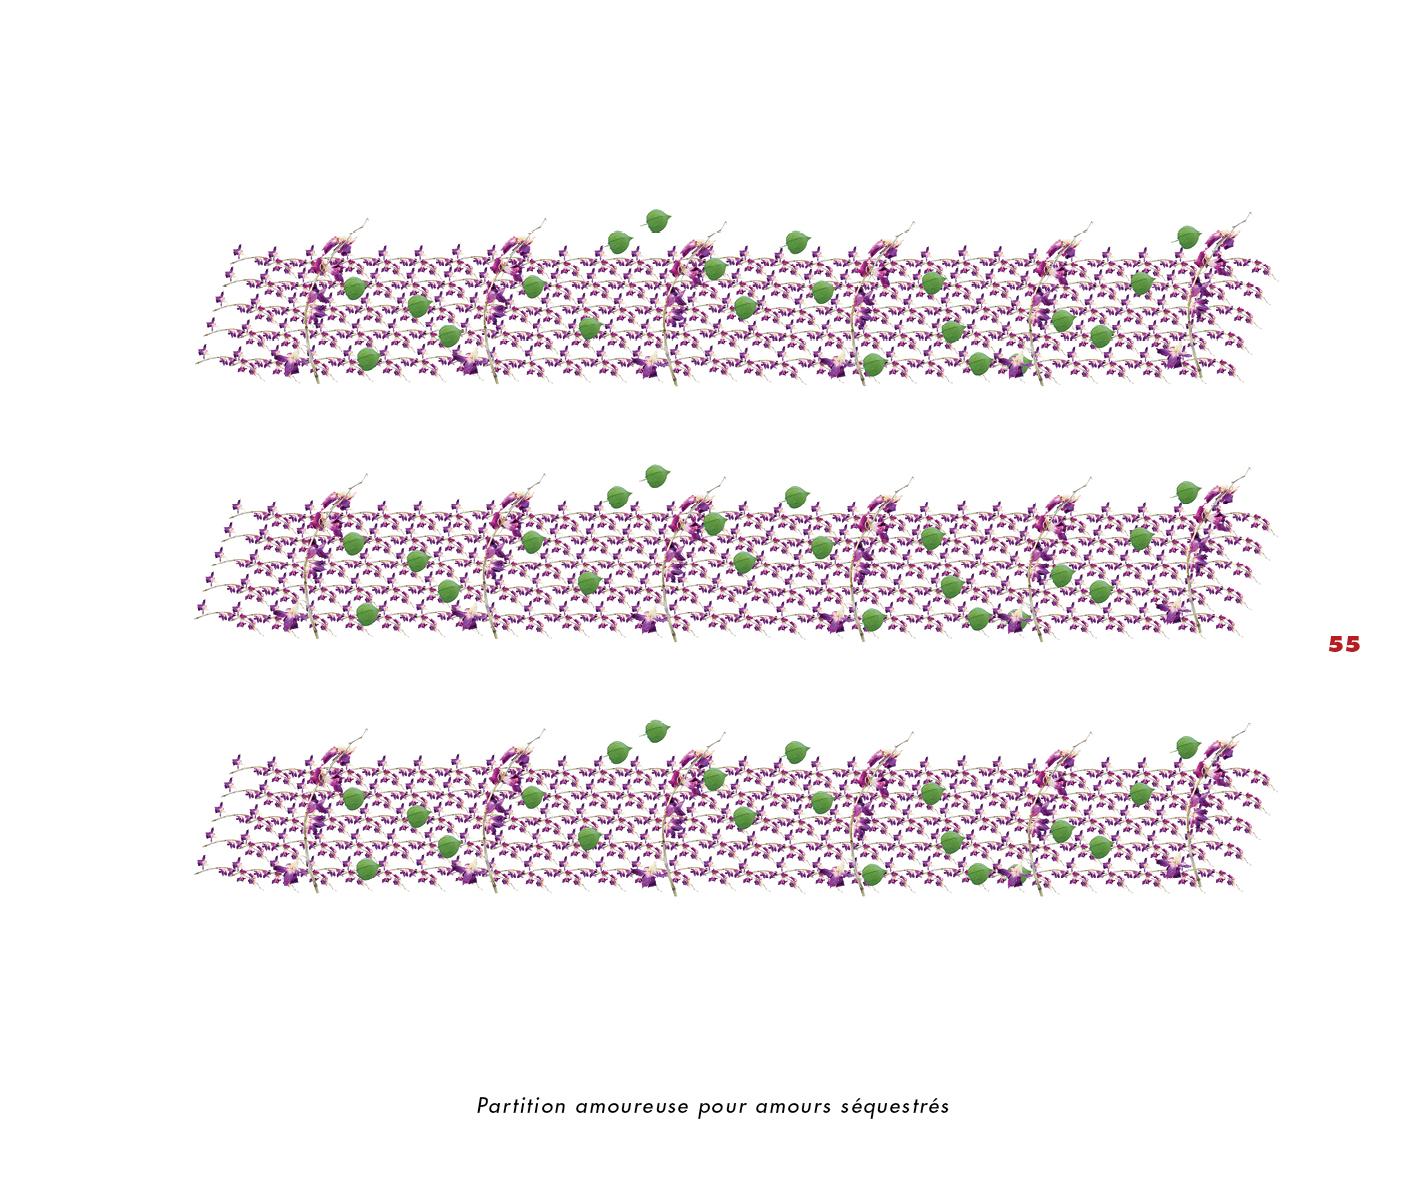 Fleurs et jardins imaginaires 55